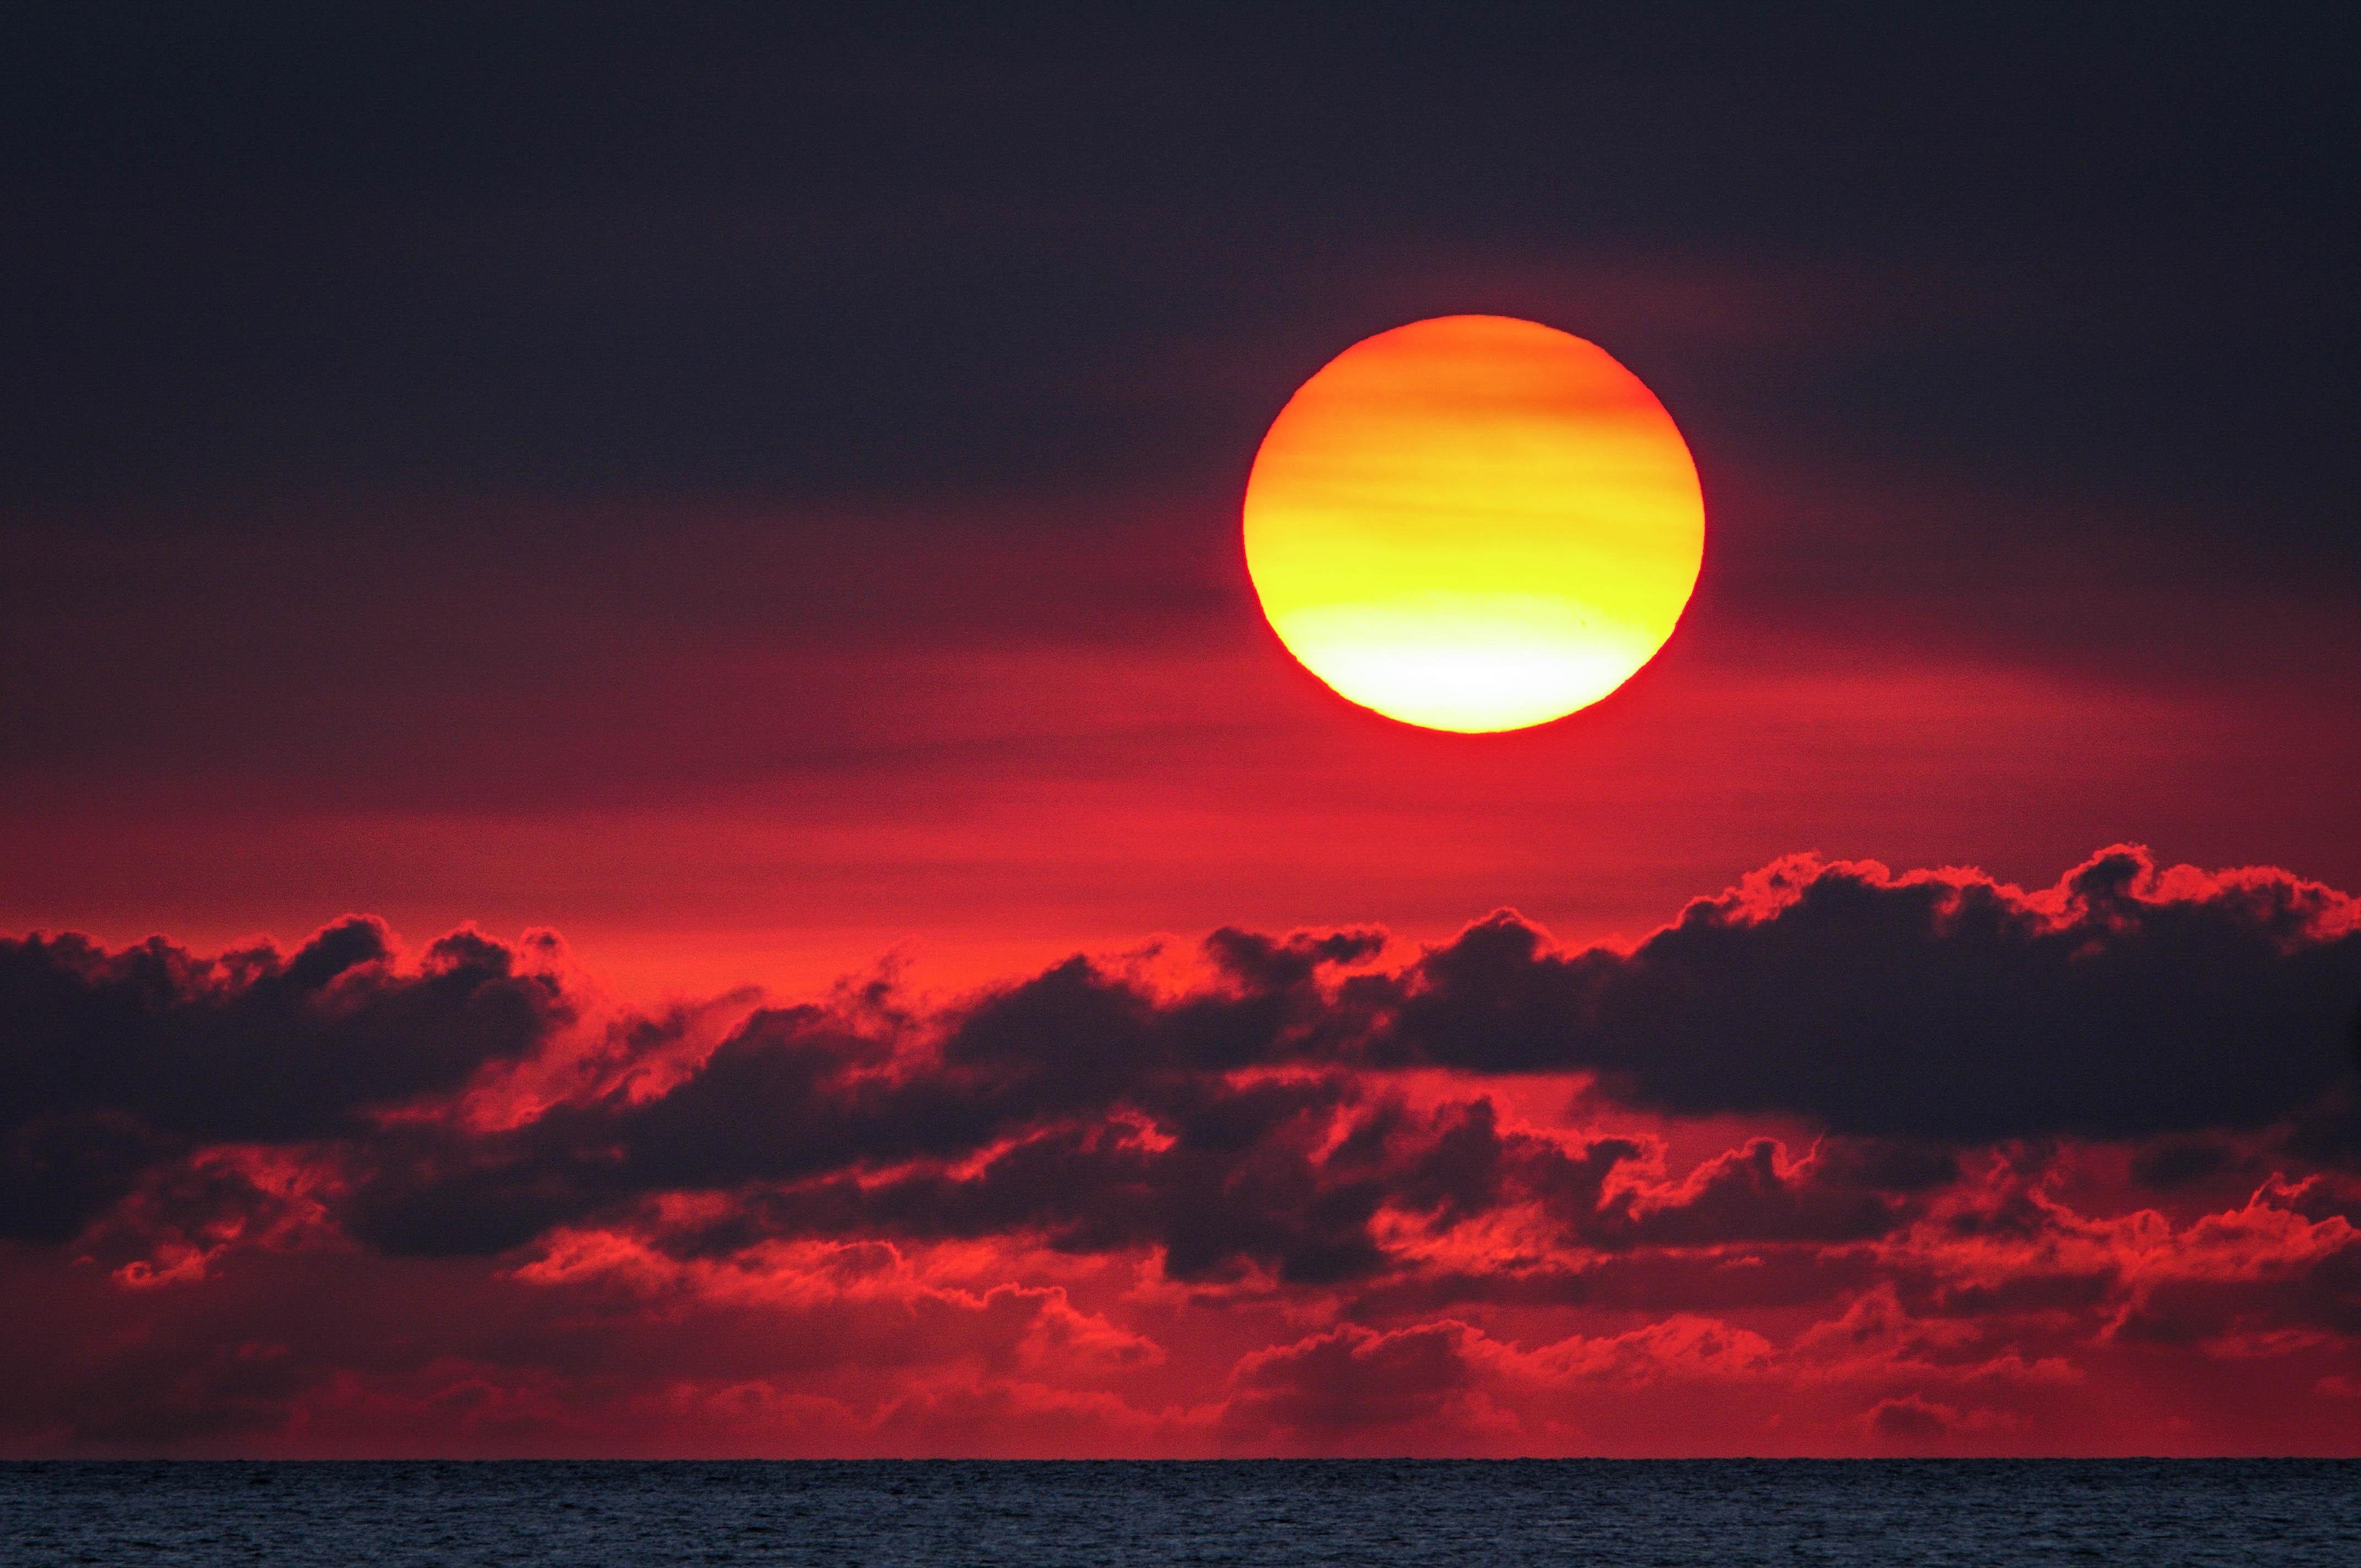 90953 papel de parede 1080x2400 em seu telefone gratuitamente, baixe imagens Pôr Do Sol, Mar, Sol, Nuvens, Escuro 1080x2400 em seu celular